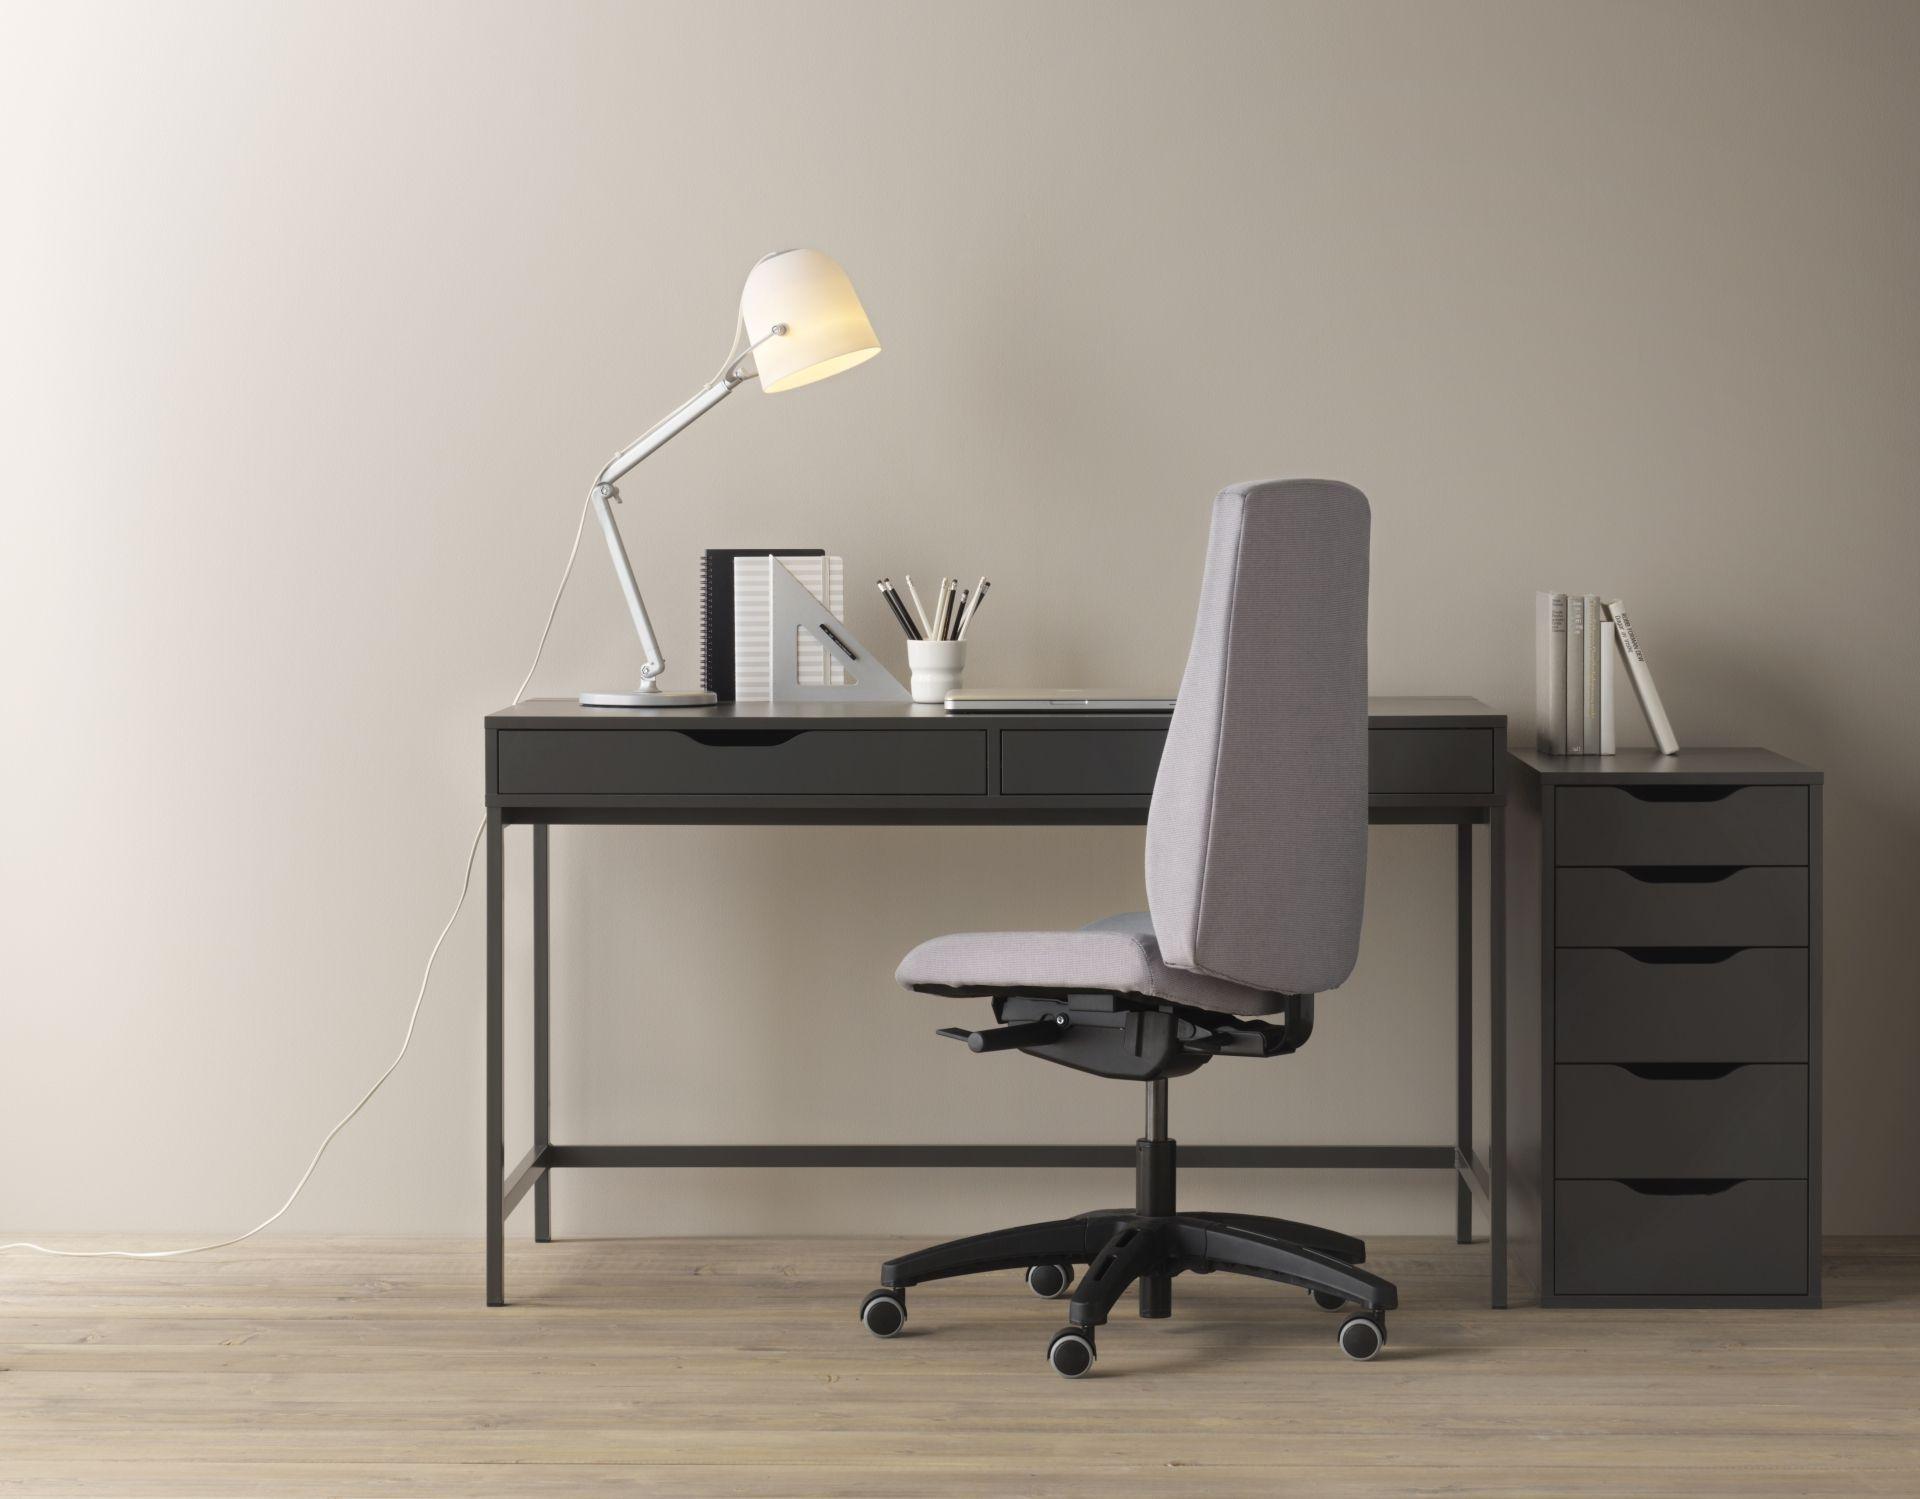 Bureau Stoel Ikea : Alex bureau grijs ikea catalogus ikea alex